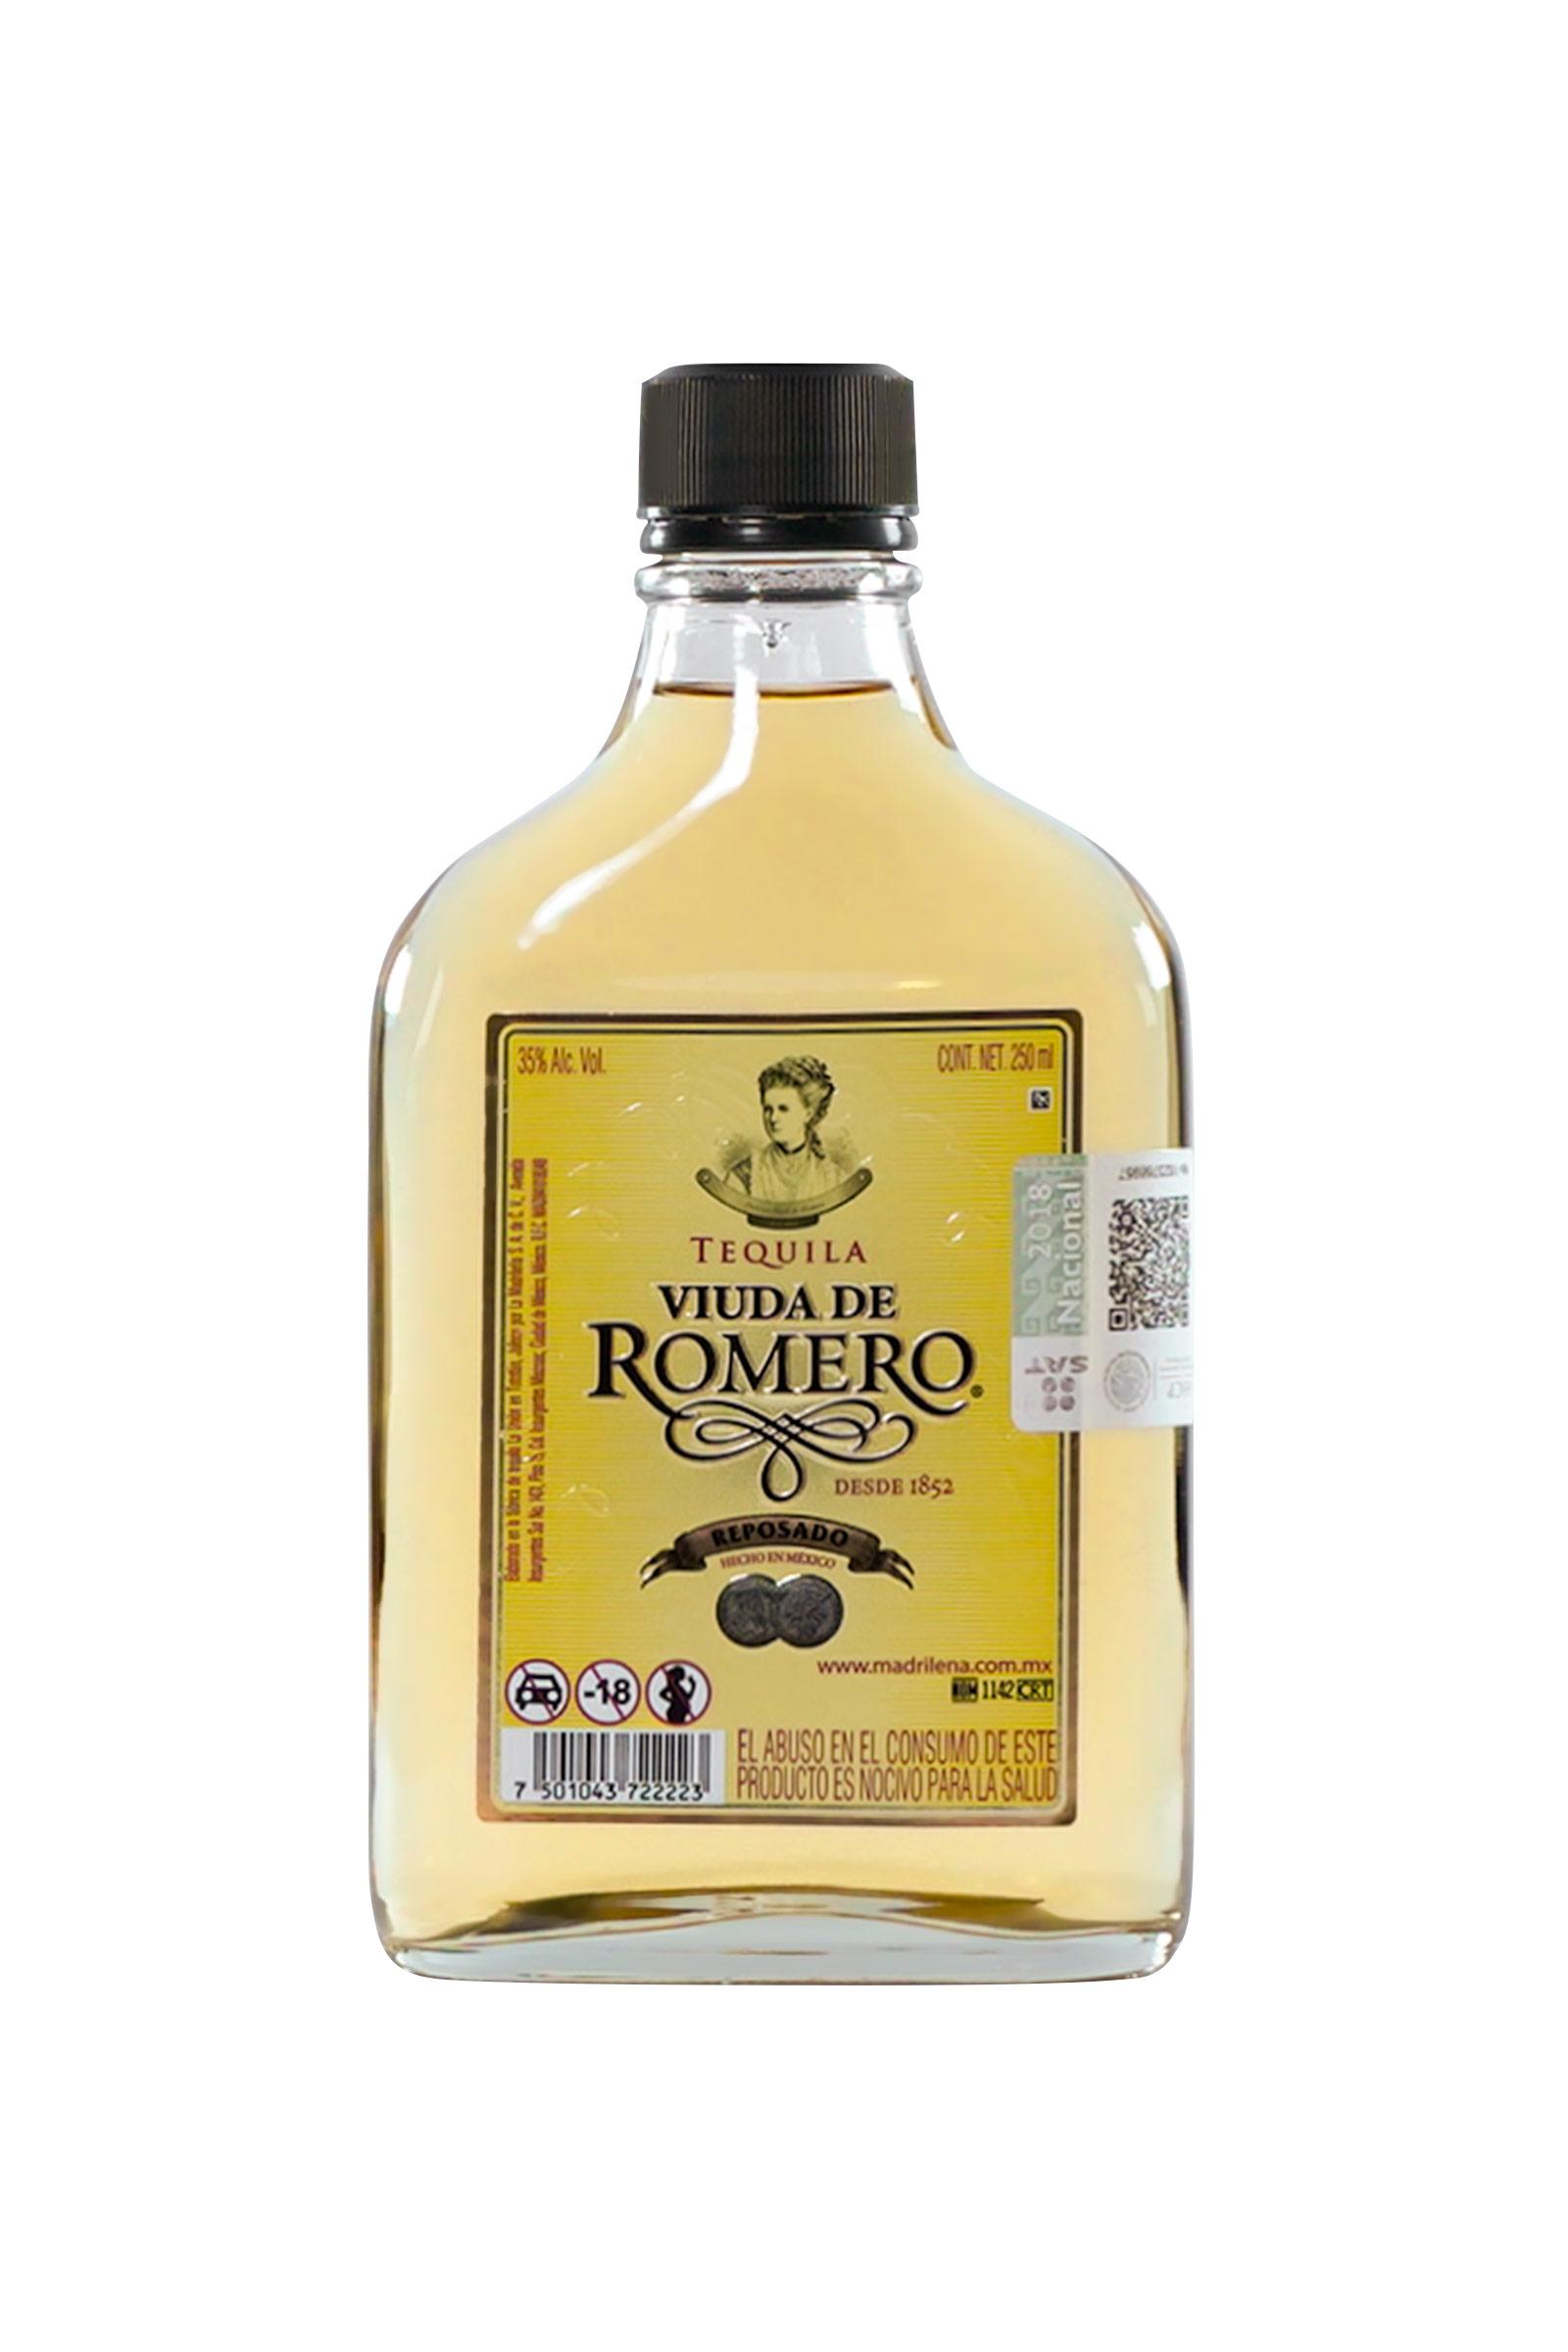 Tequila Viuda de Romero Reposado 250ml